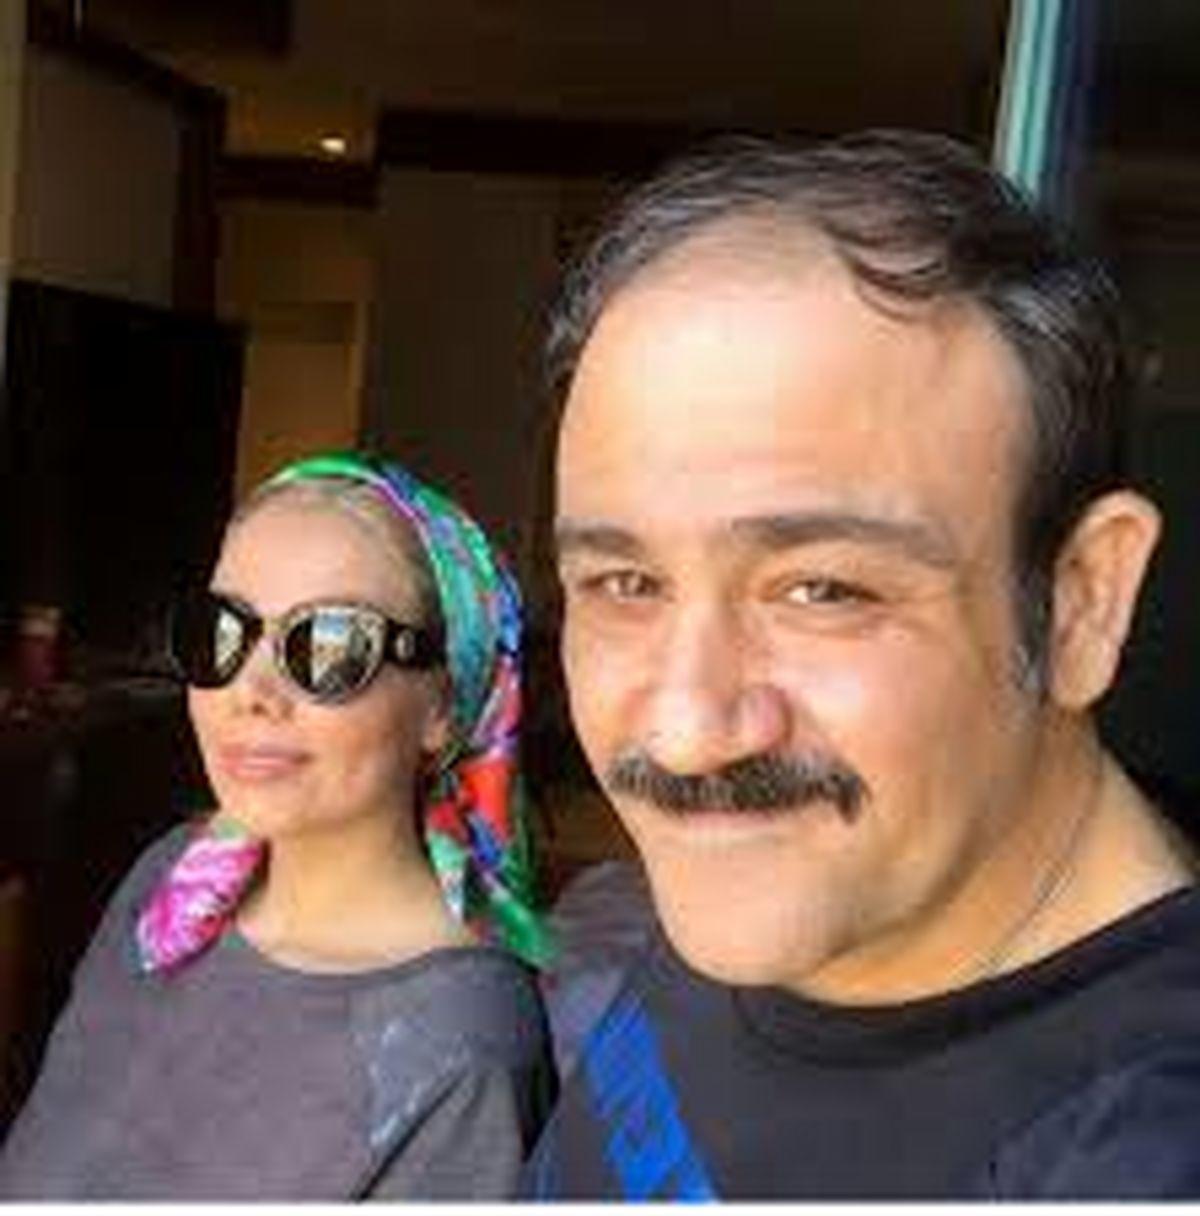 اختلاف سنی مهران غفوریان و همسرش + عکس